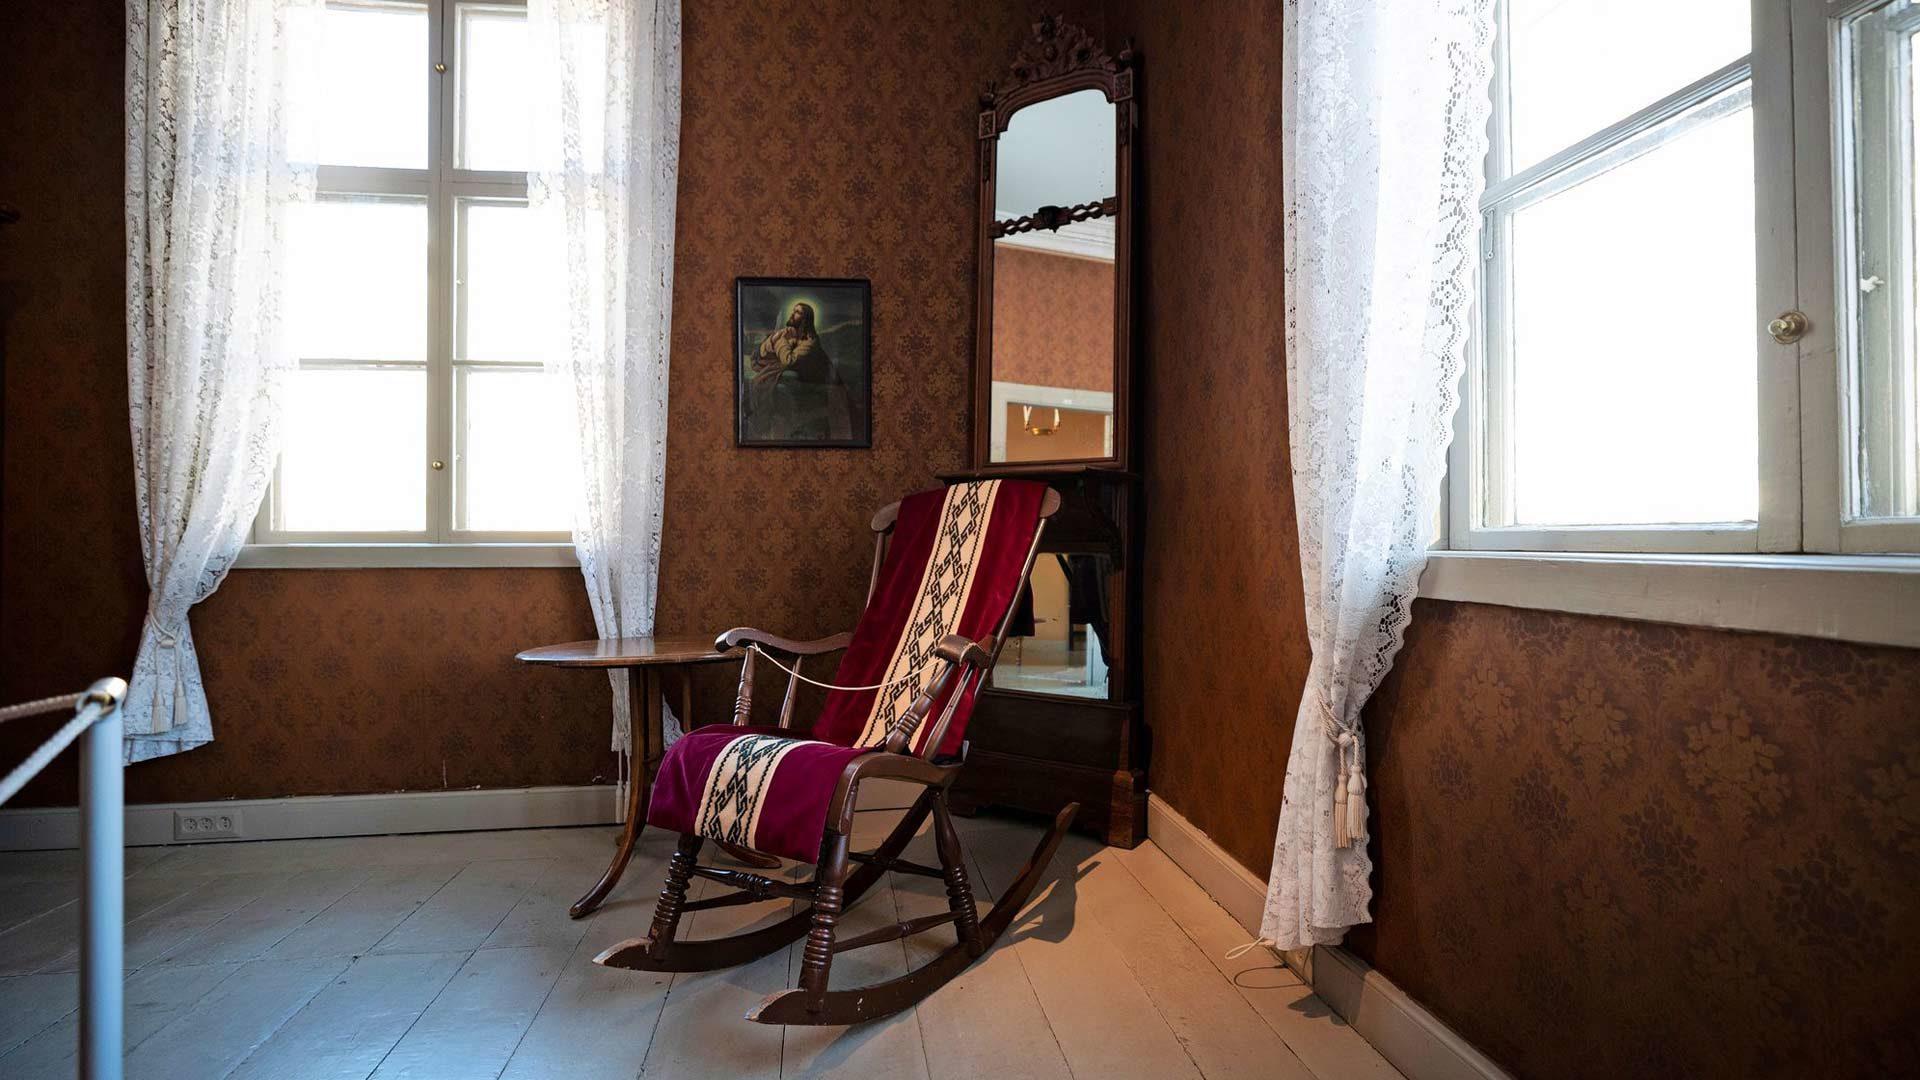 Minna Canthin keinutuoli oli hänen valtaistuimensa, jonka kanssa hän joskus tyttärensä mukaan kaatuikin. Talon sisustusta taas Juhani Aho kuvasi tyyliltään tavanomaiseksi porvariskodiksi.